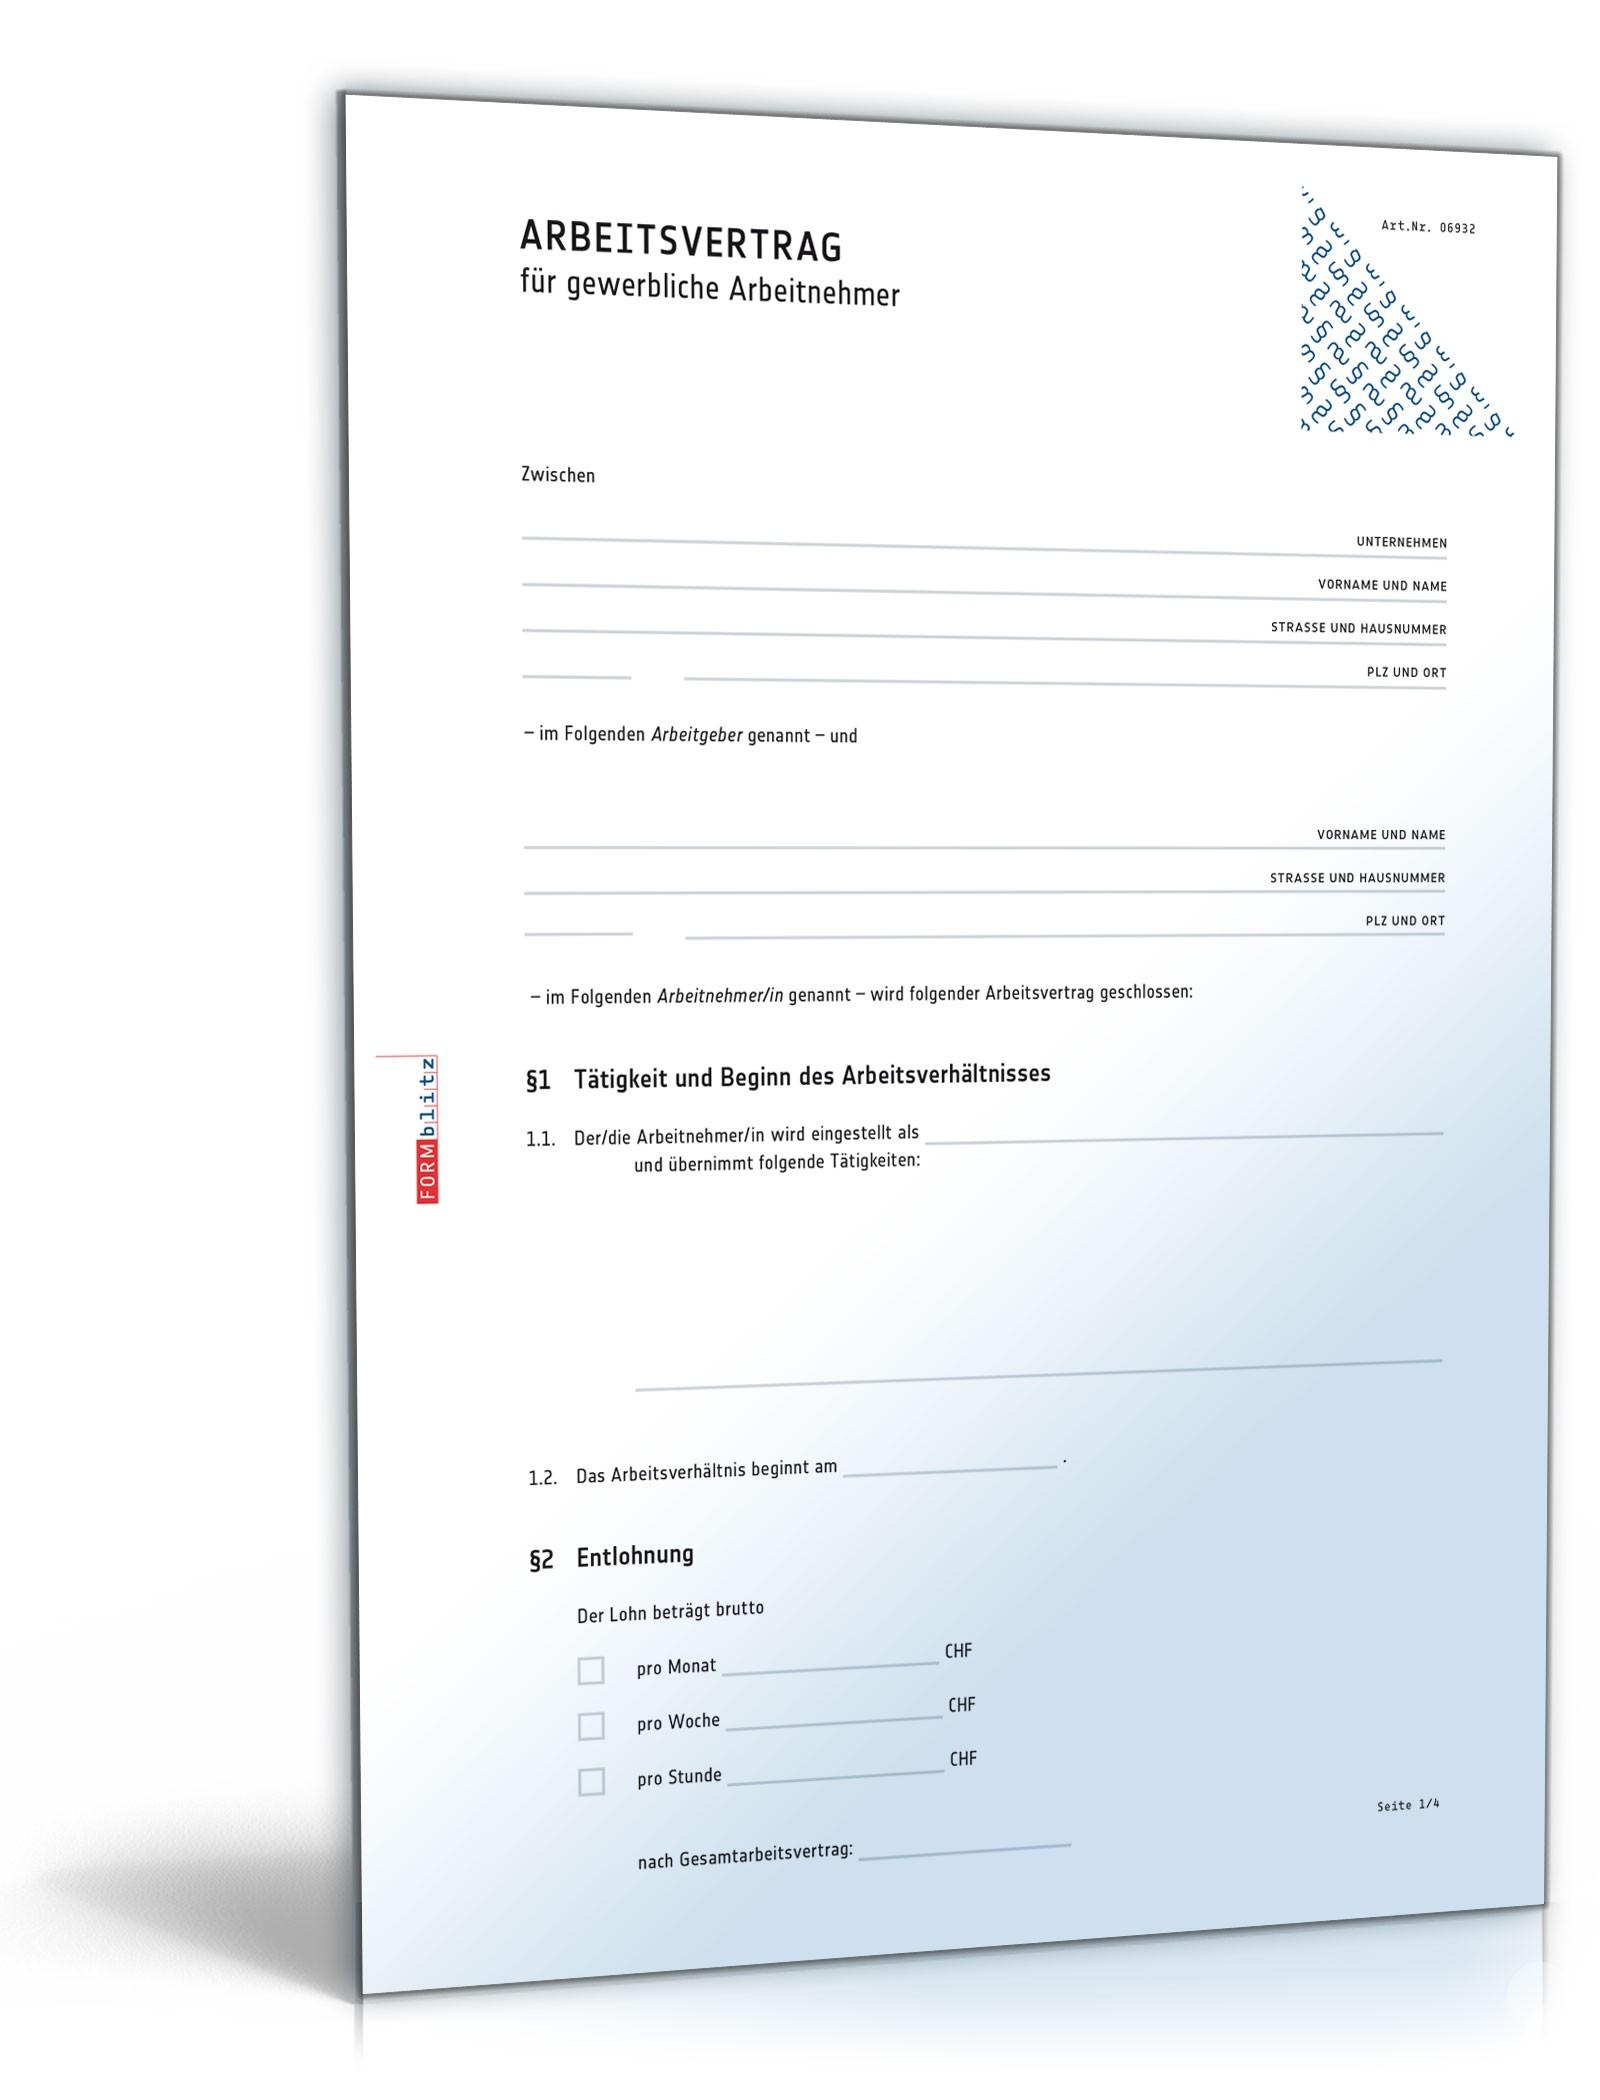 Arbeitsvertrag Für Gewerbliche Arbeitnehmer Muster Vorlage Zum